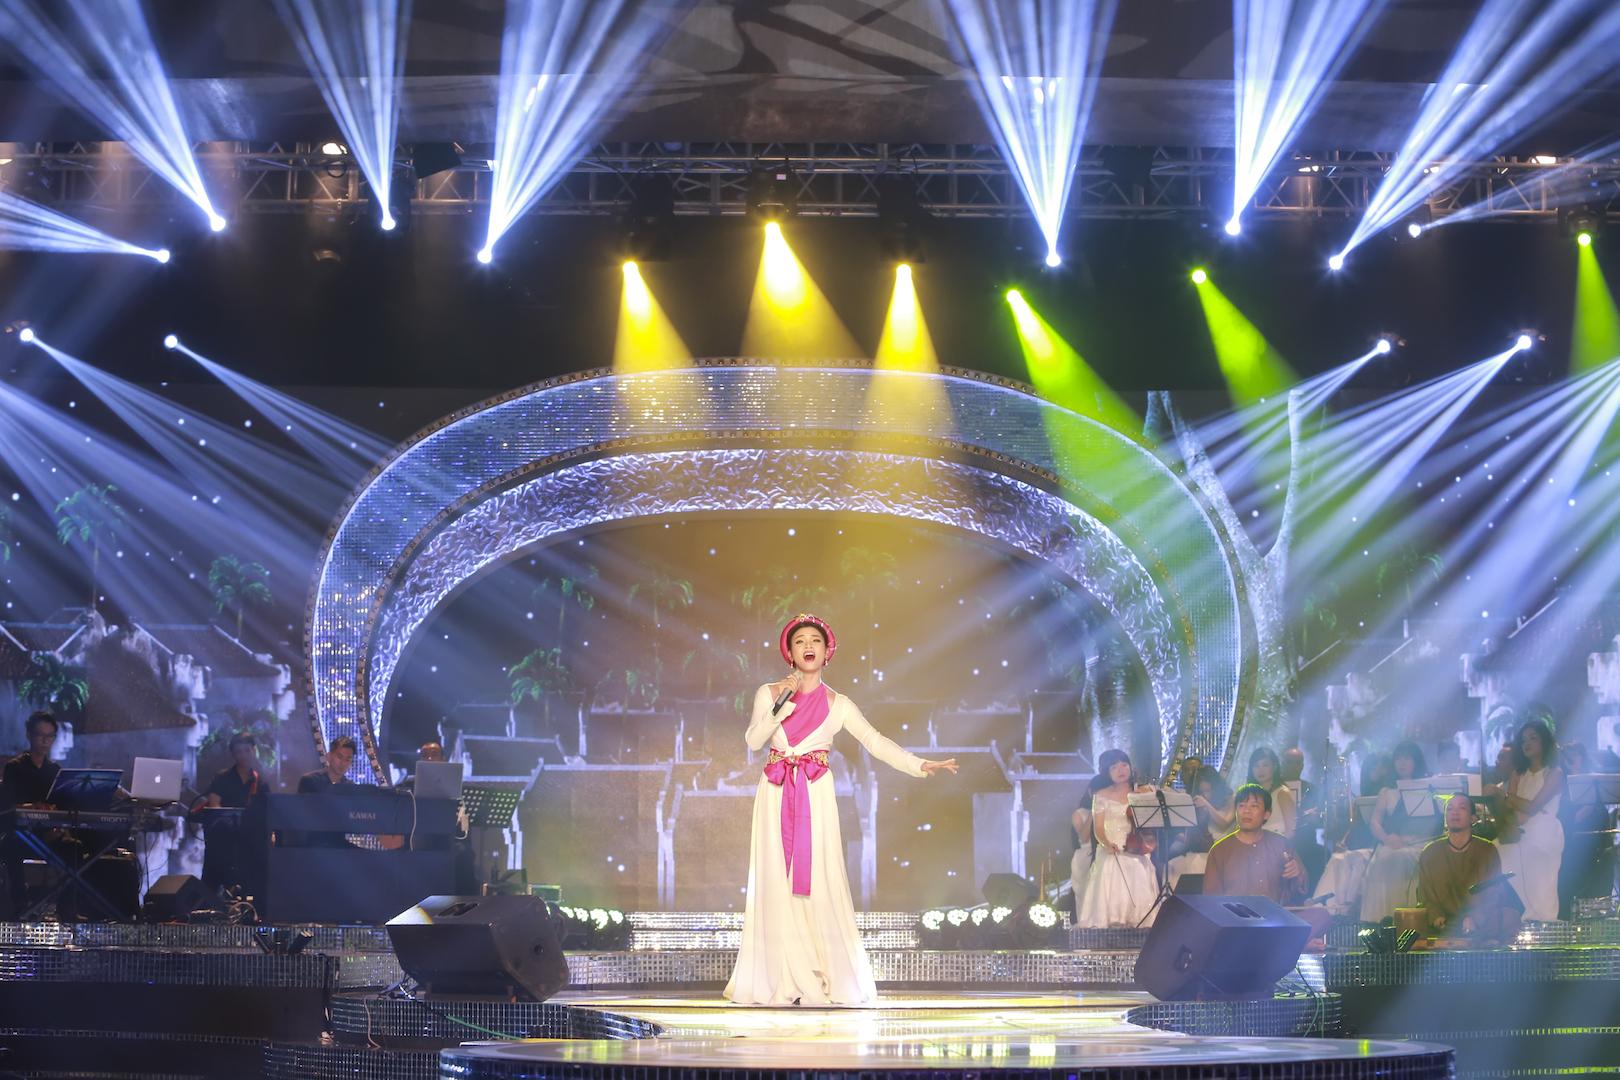 Phạm Phương Thảo hát tặng sinh nhật sớm cố nhạc sĩ An Thuyên trong đêm gala 20 năm Sao Mai 3